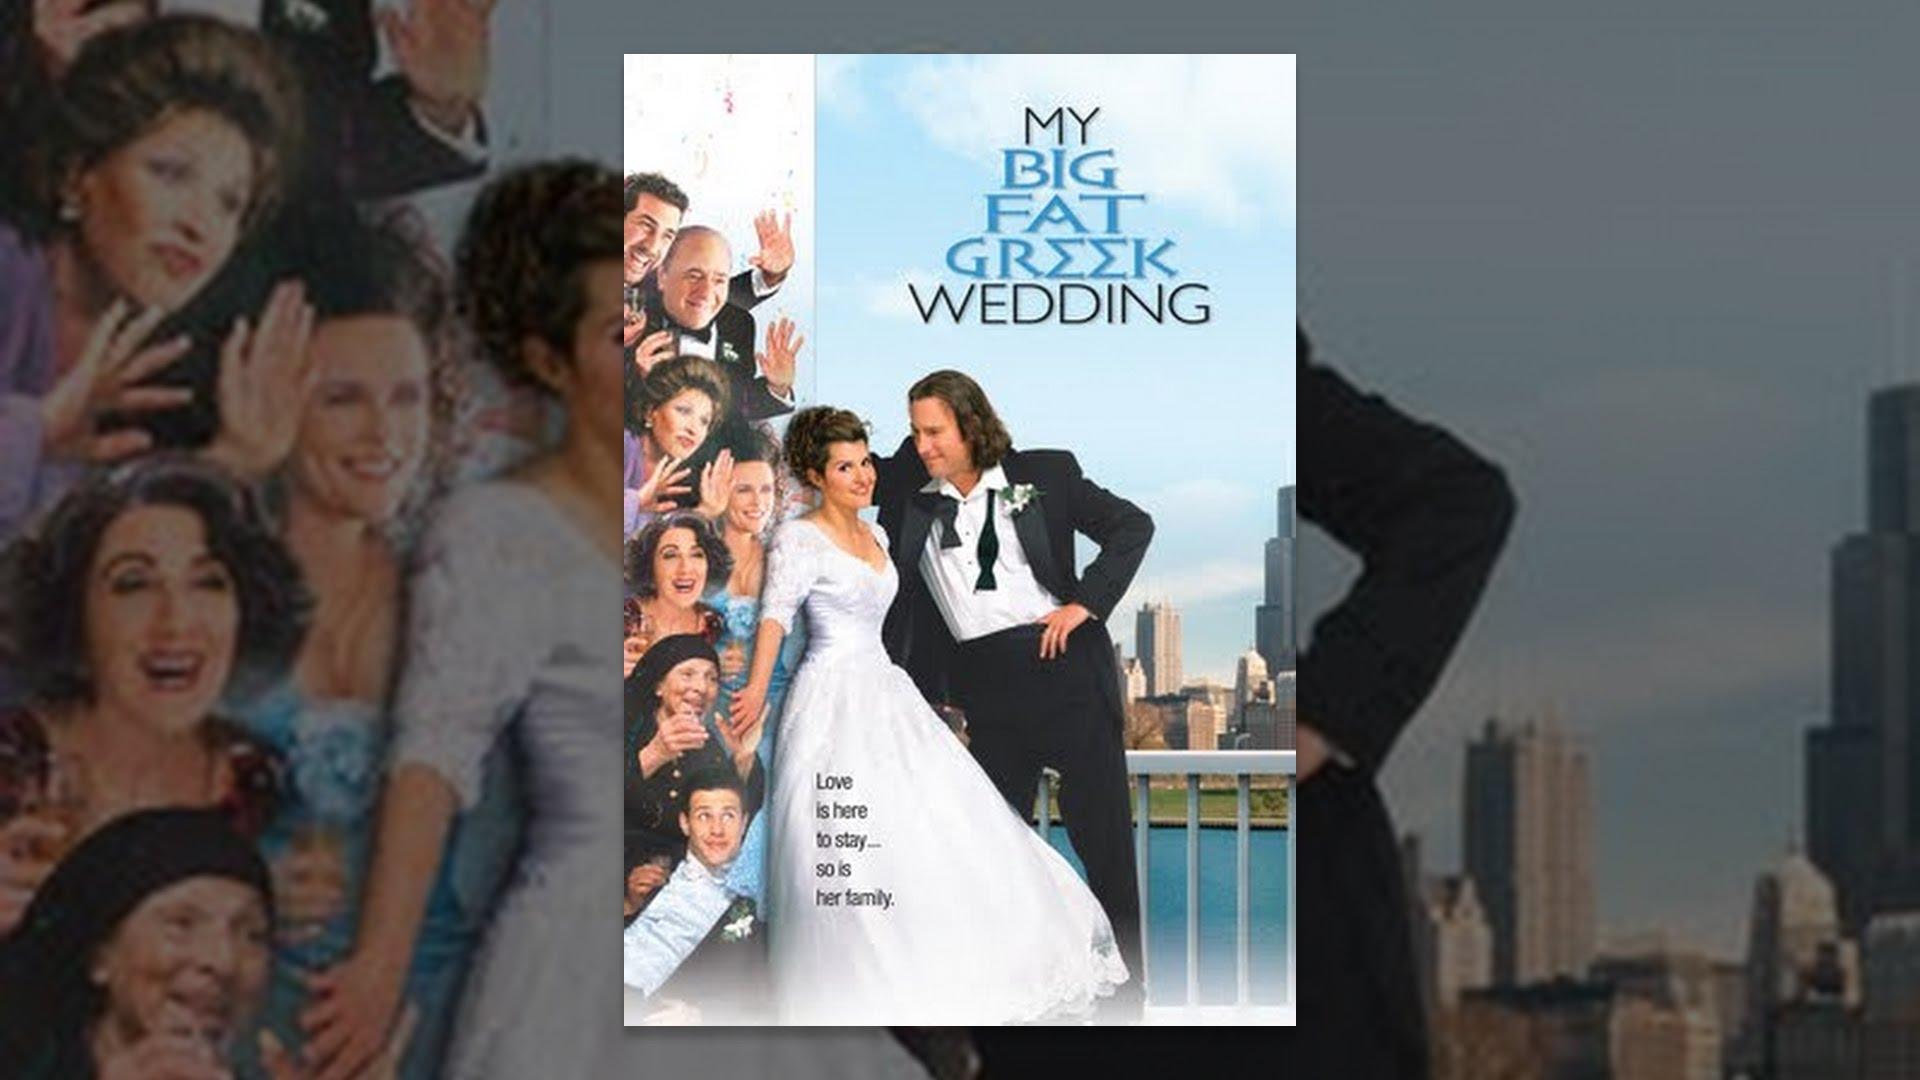 My Fat Greek Wedding